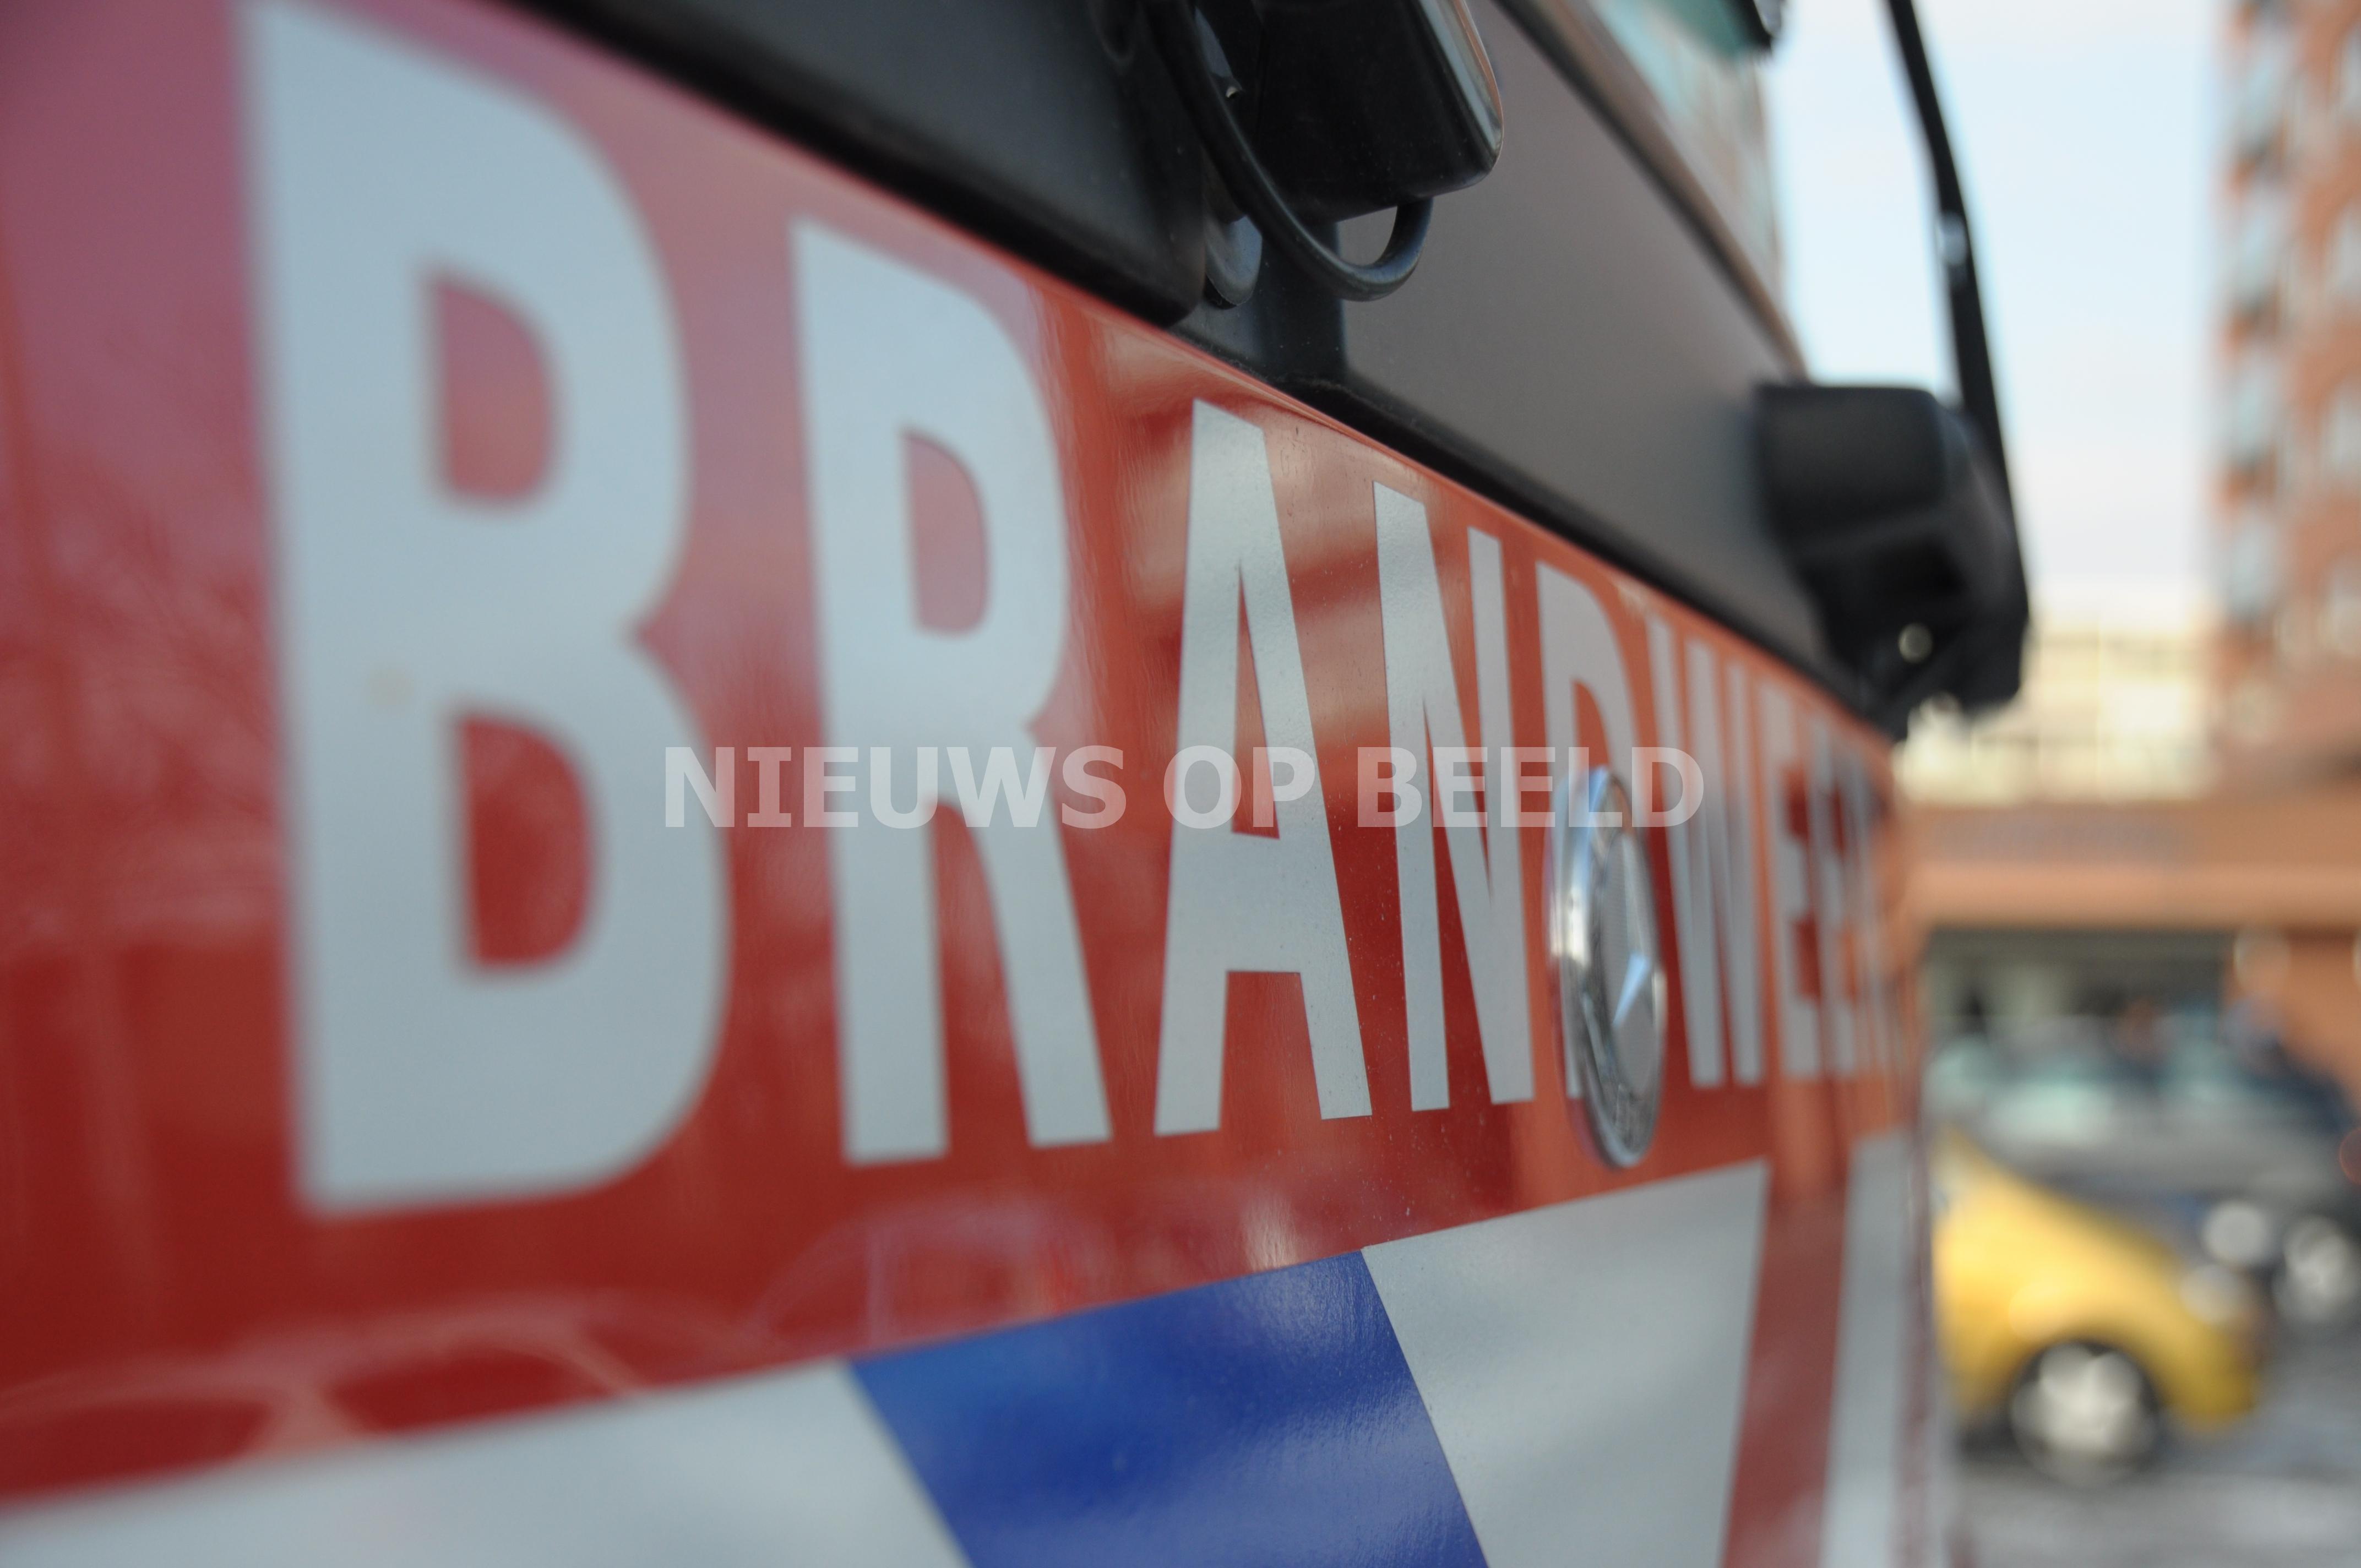 Uitslaande brand in autobedrijf Calandstraat Sliedrecht